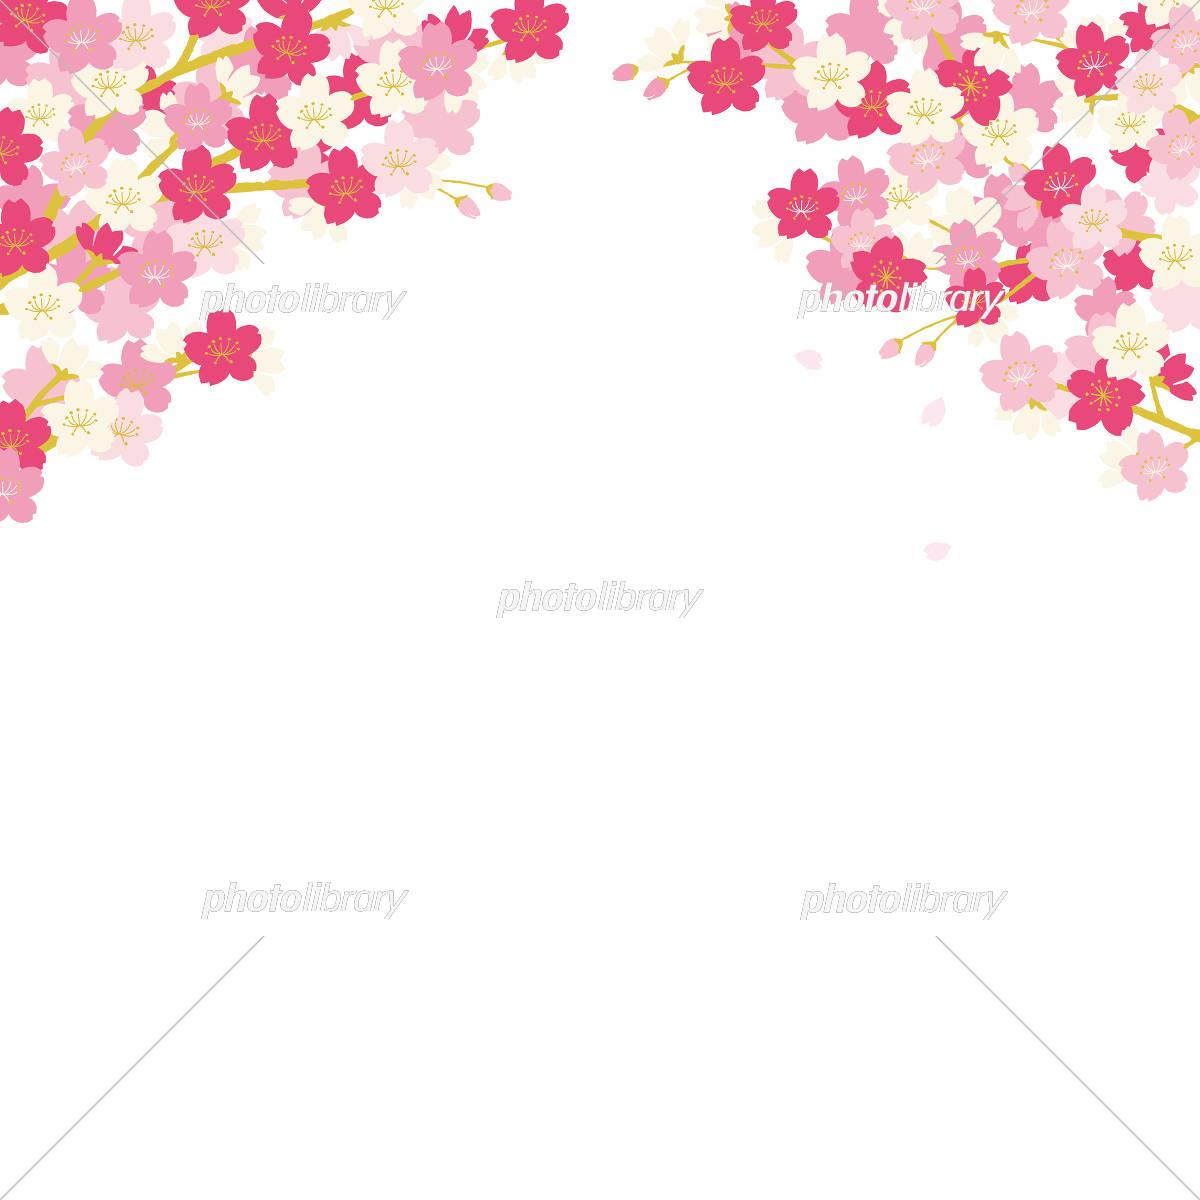 桜 背景イラスト イラスト素材 [ 5329530 ] - フォトライブラリー